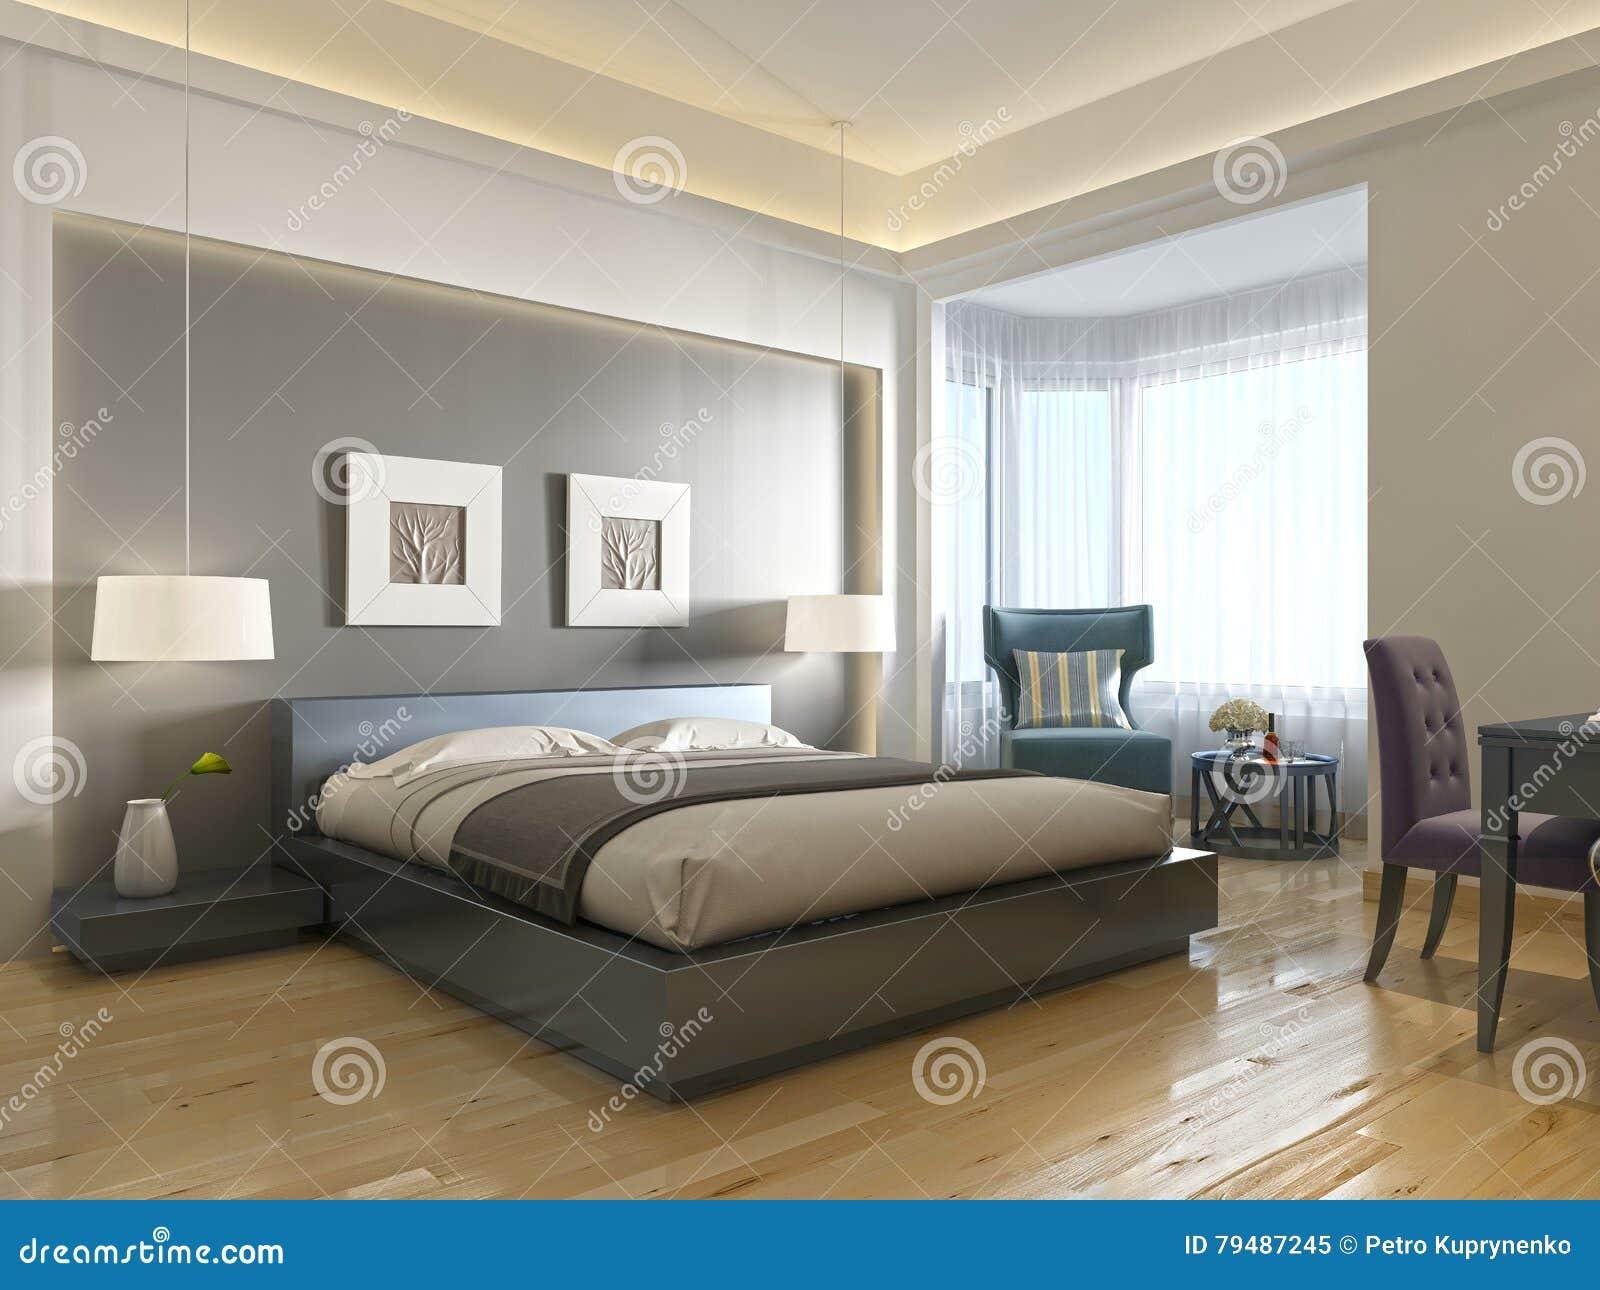 Zeitgenössische Art Des Modernen Hotelzimmers Mit Elementen Von Art ...